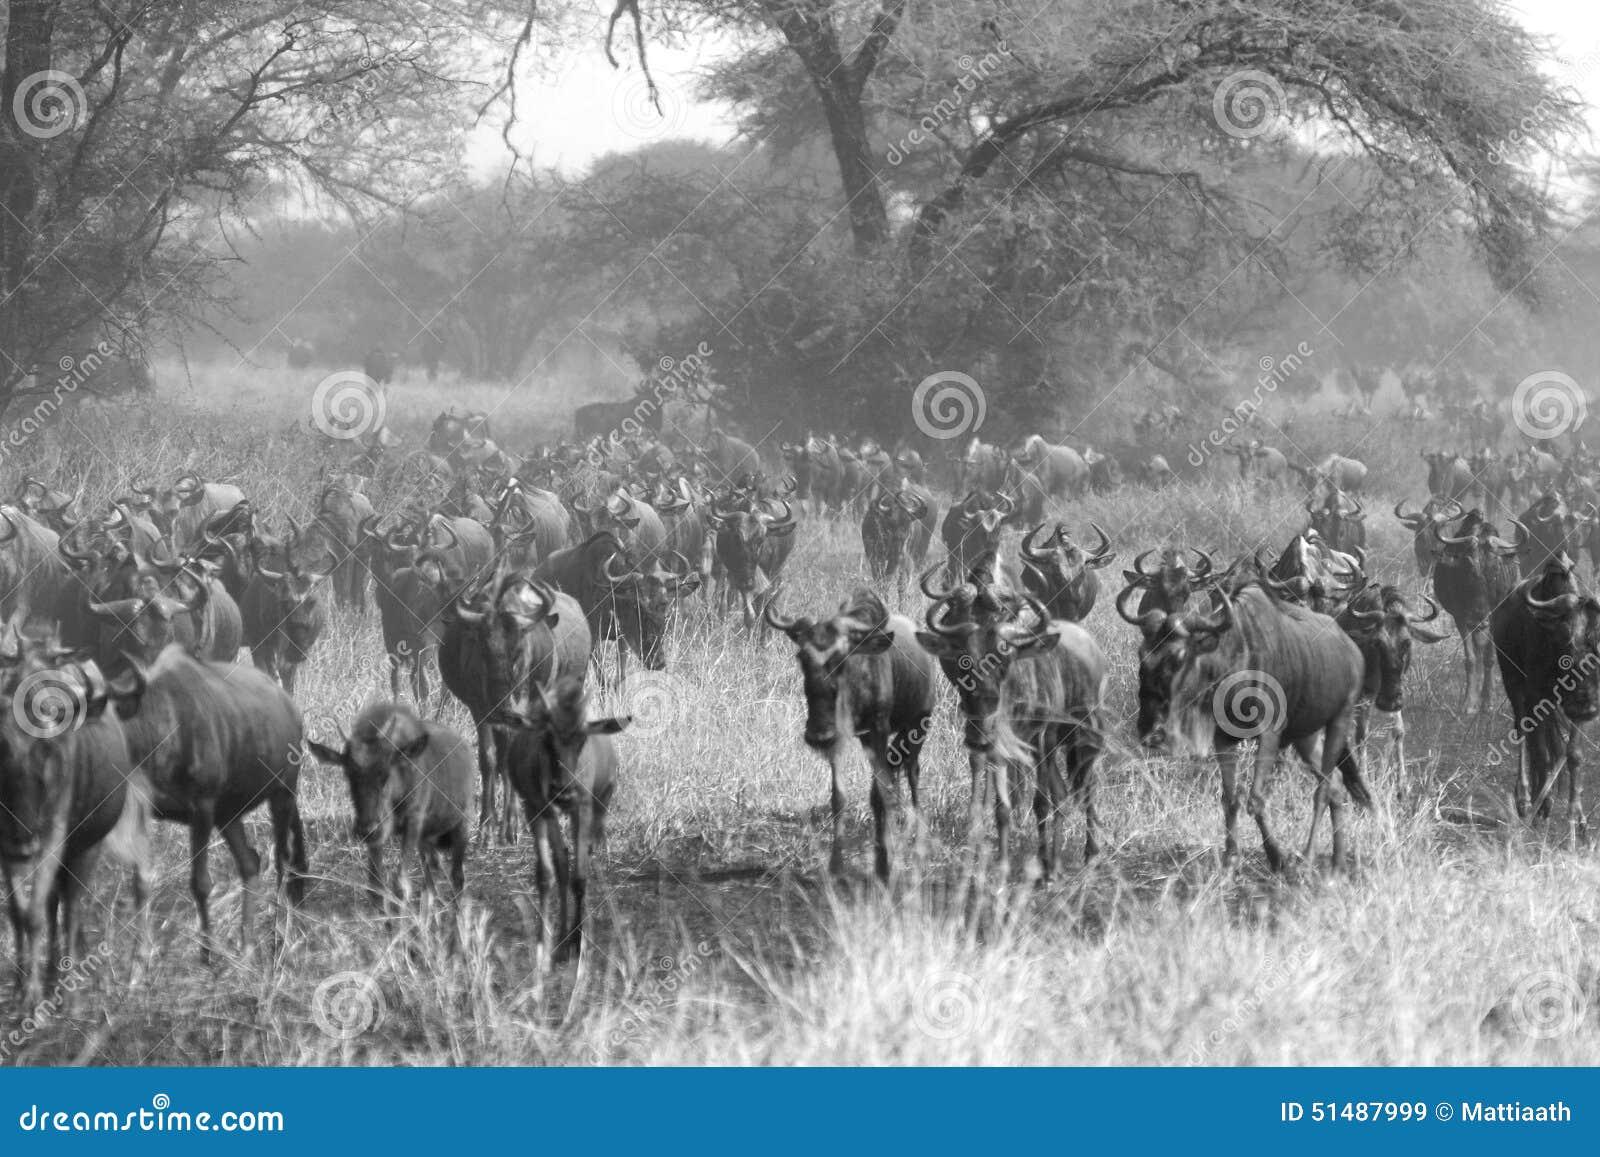 Ungulate Migration Blue Wildebeests Conno...